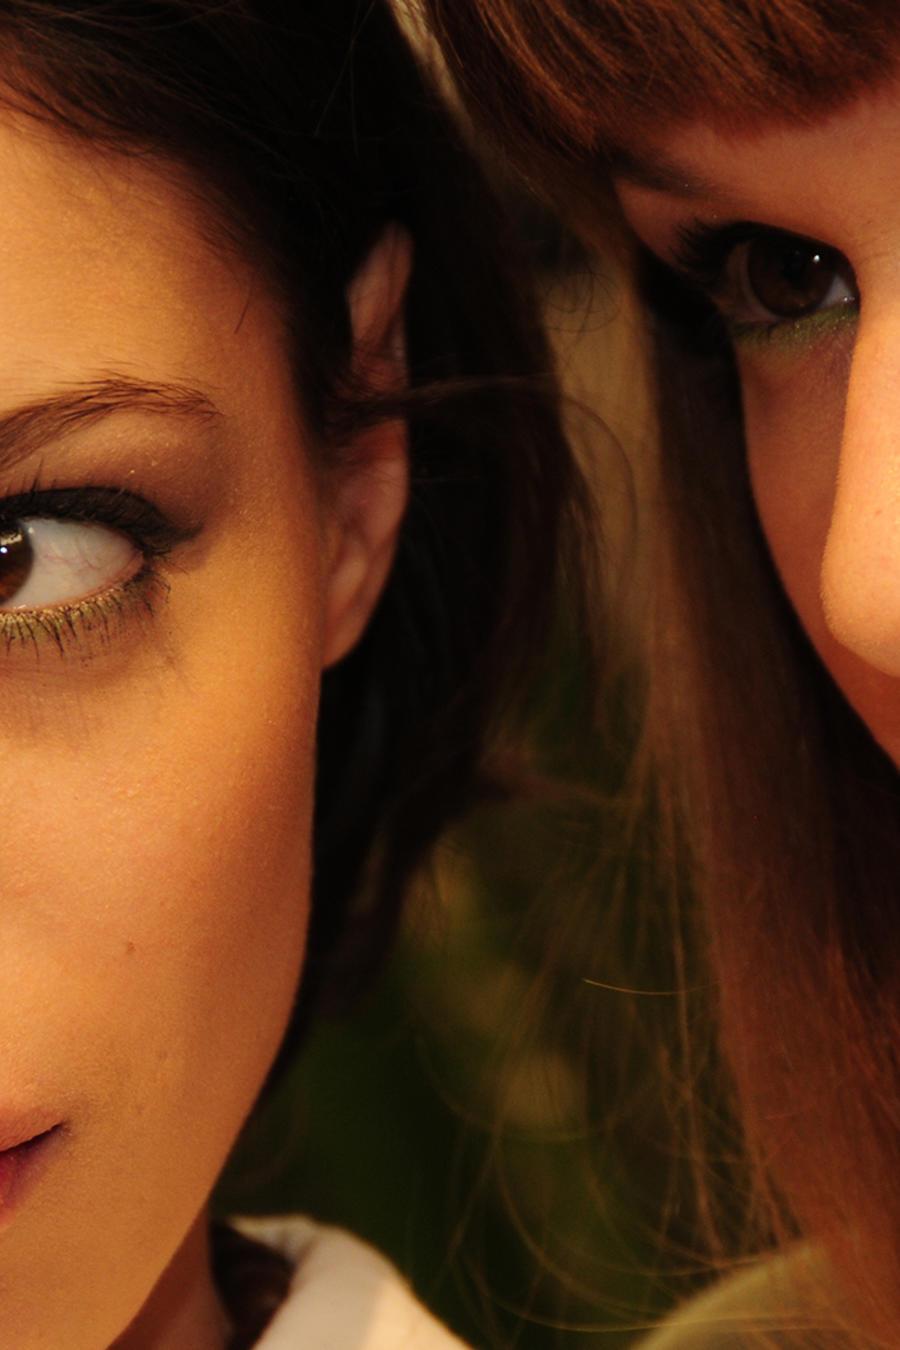 Estudio revela datos sorprendentes sobre la sexualidad femenina